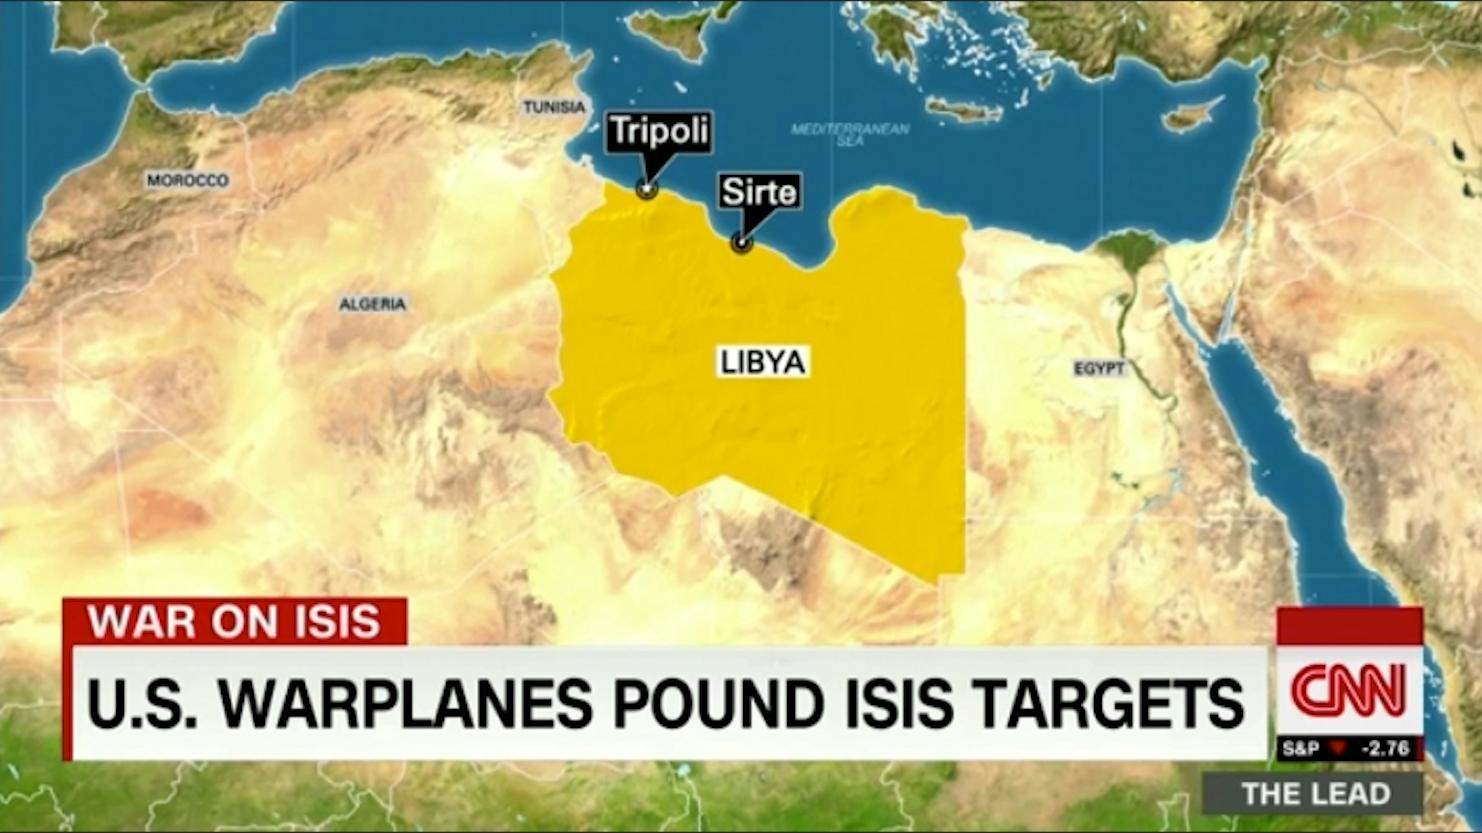 أمريكا تضرب داعش في ليبيا من خلال القصف الجوي.. ماذا كانت الأهداف؟